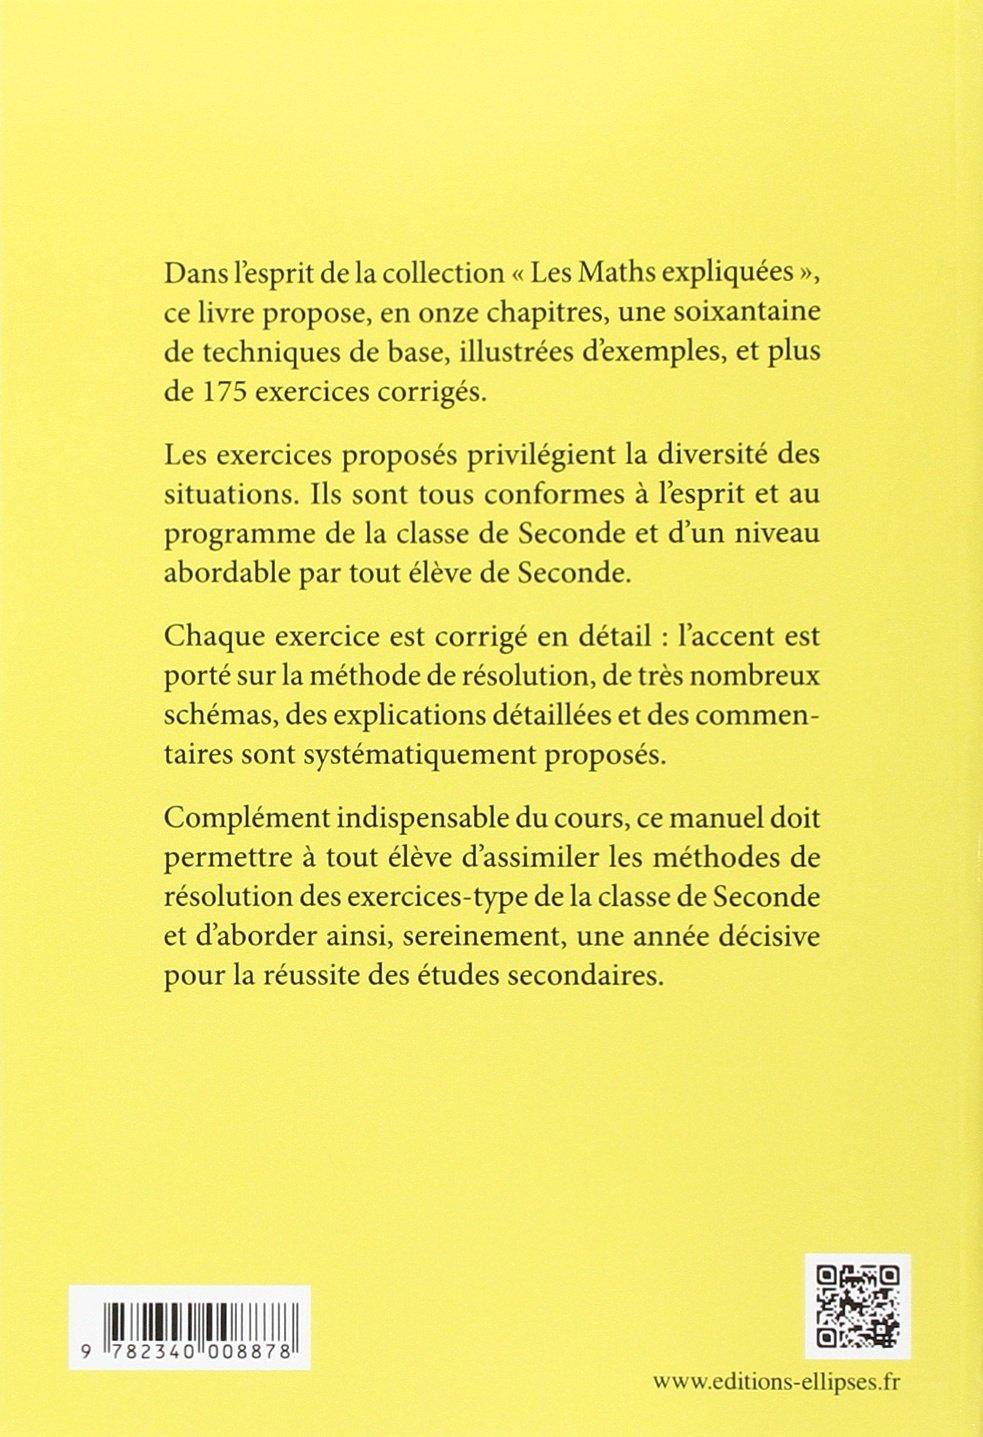 Les Maths Expliquées Exercices Corrigés 2de Avec les Techniques de ... Les Maths Expliquées Exercices Corrigés 2de Avec les Techniques de Base:  Amazon.fr: Alain Weill: Livres